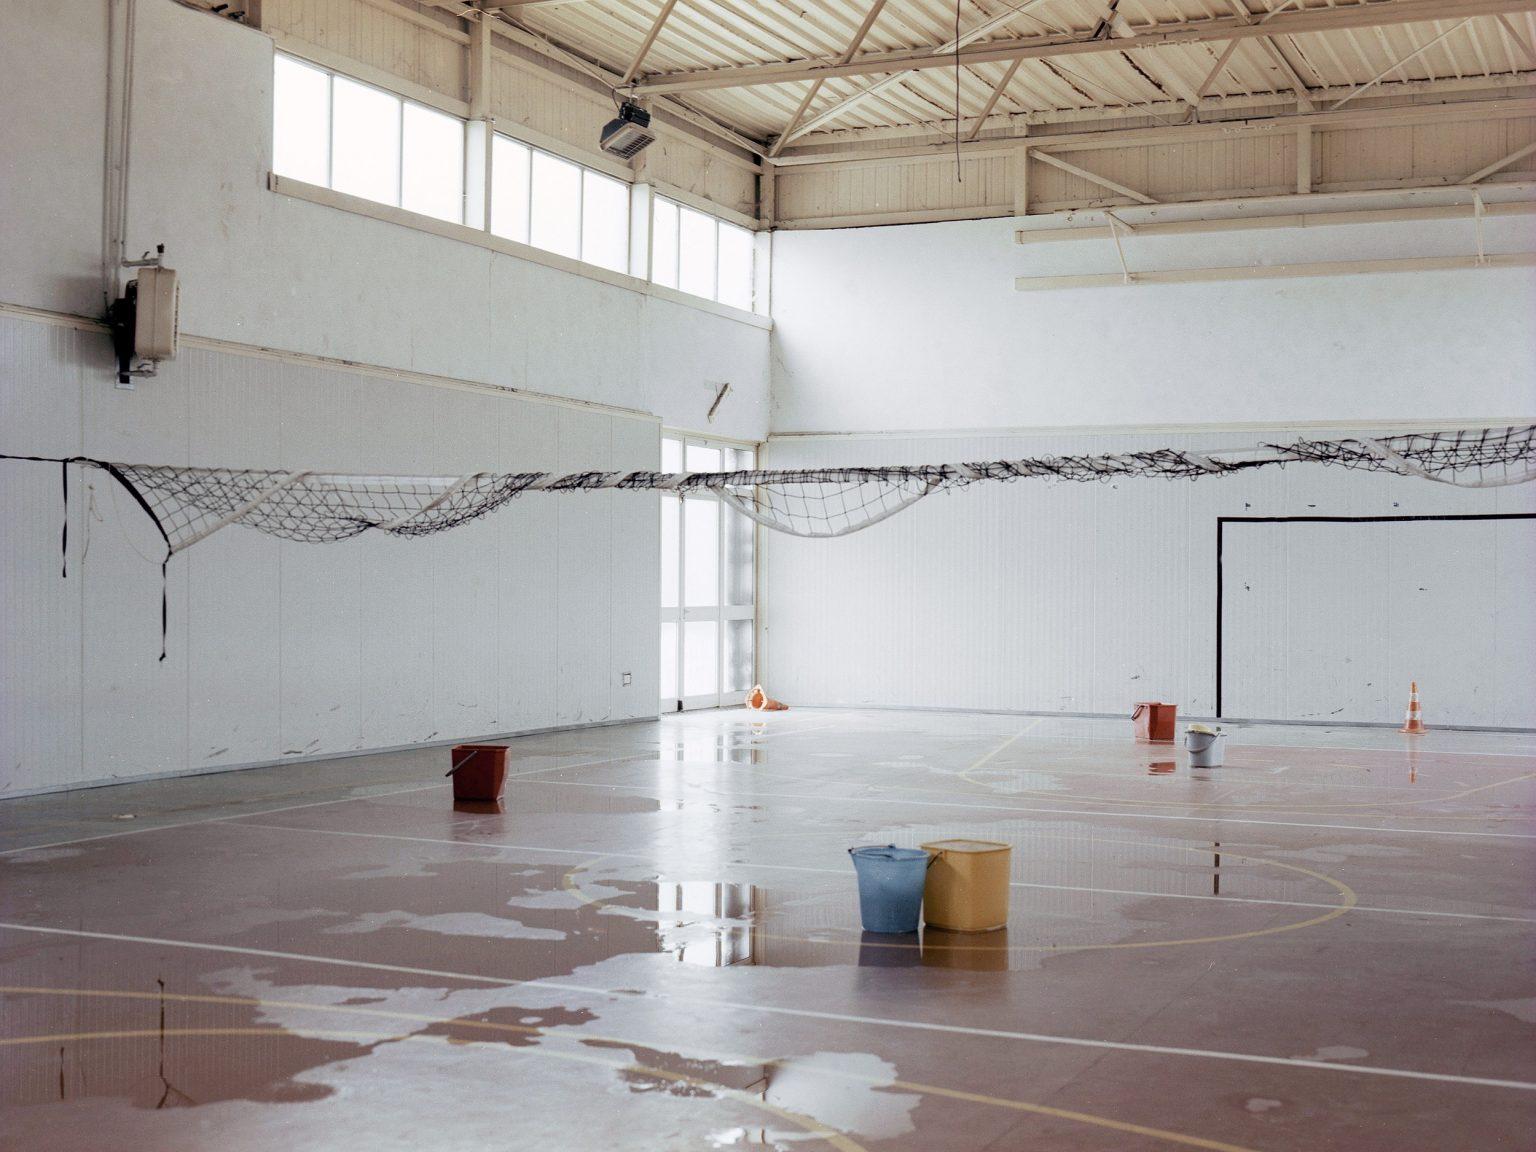 La palestra dell'istituto alberghiero E.V. Cappello di Piedimonte Matese, allagata ed inutilizzabile.   The gym of the E.V. Piedimonte Matese hat, flooded and unusable.